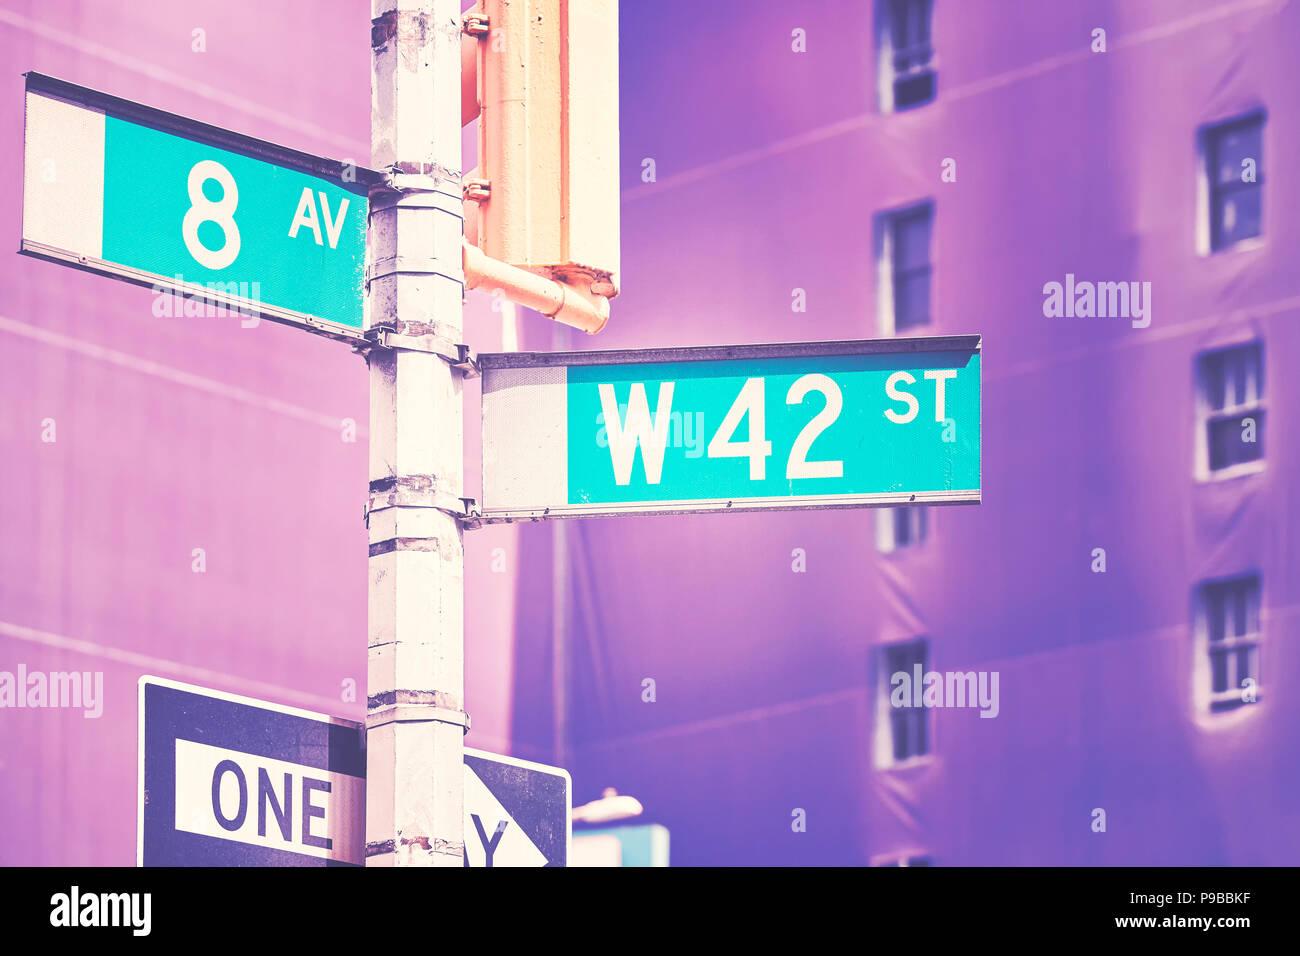 Manhattan West 42 Street und 8th Avenue Straßennamenschilder, Farbe stilisierte Bild, New York City, USA. Stockbild